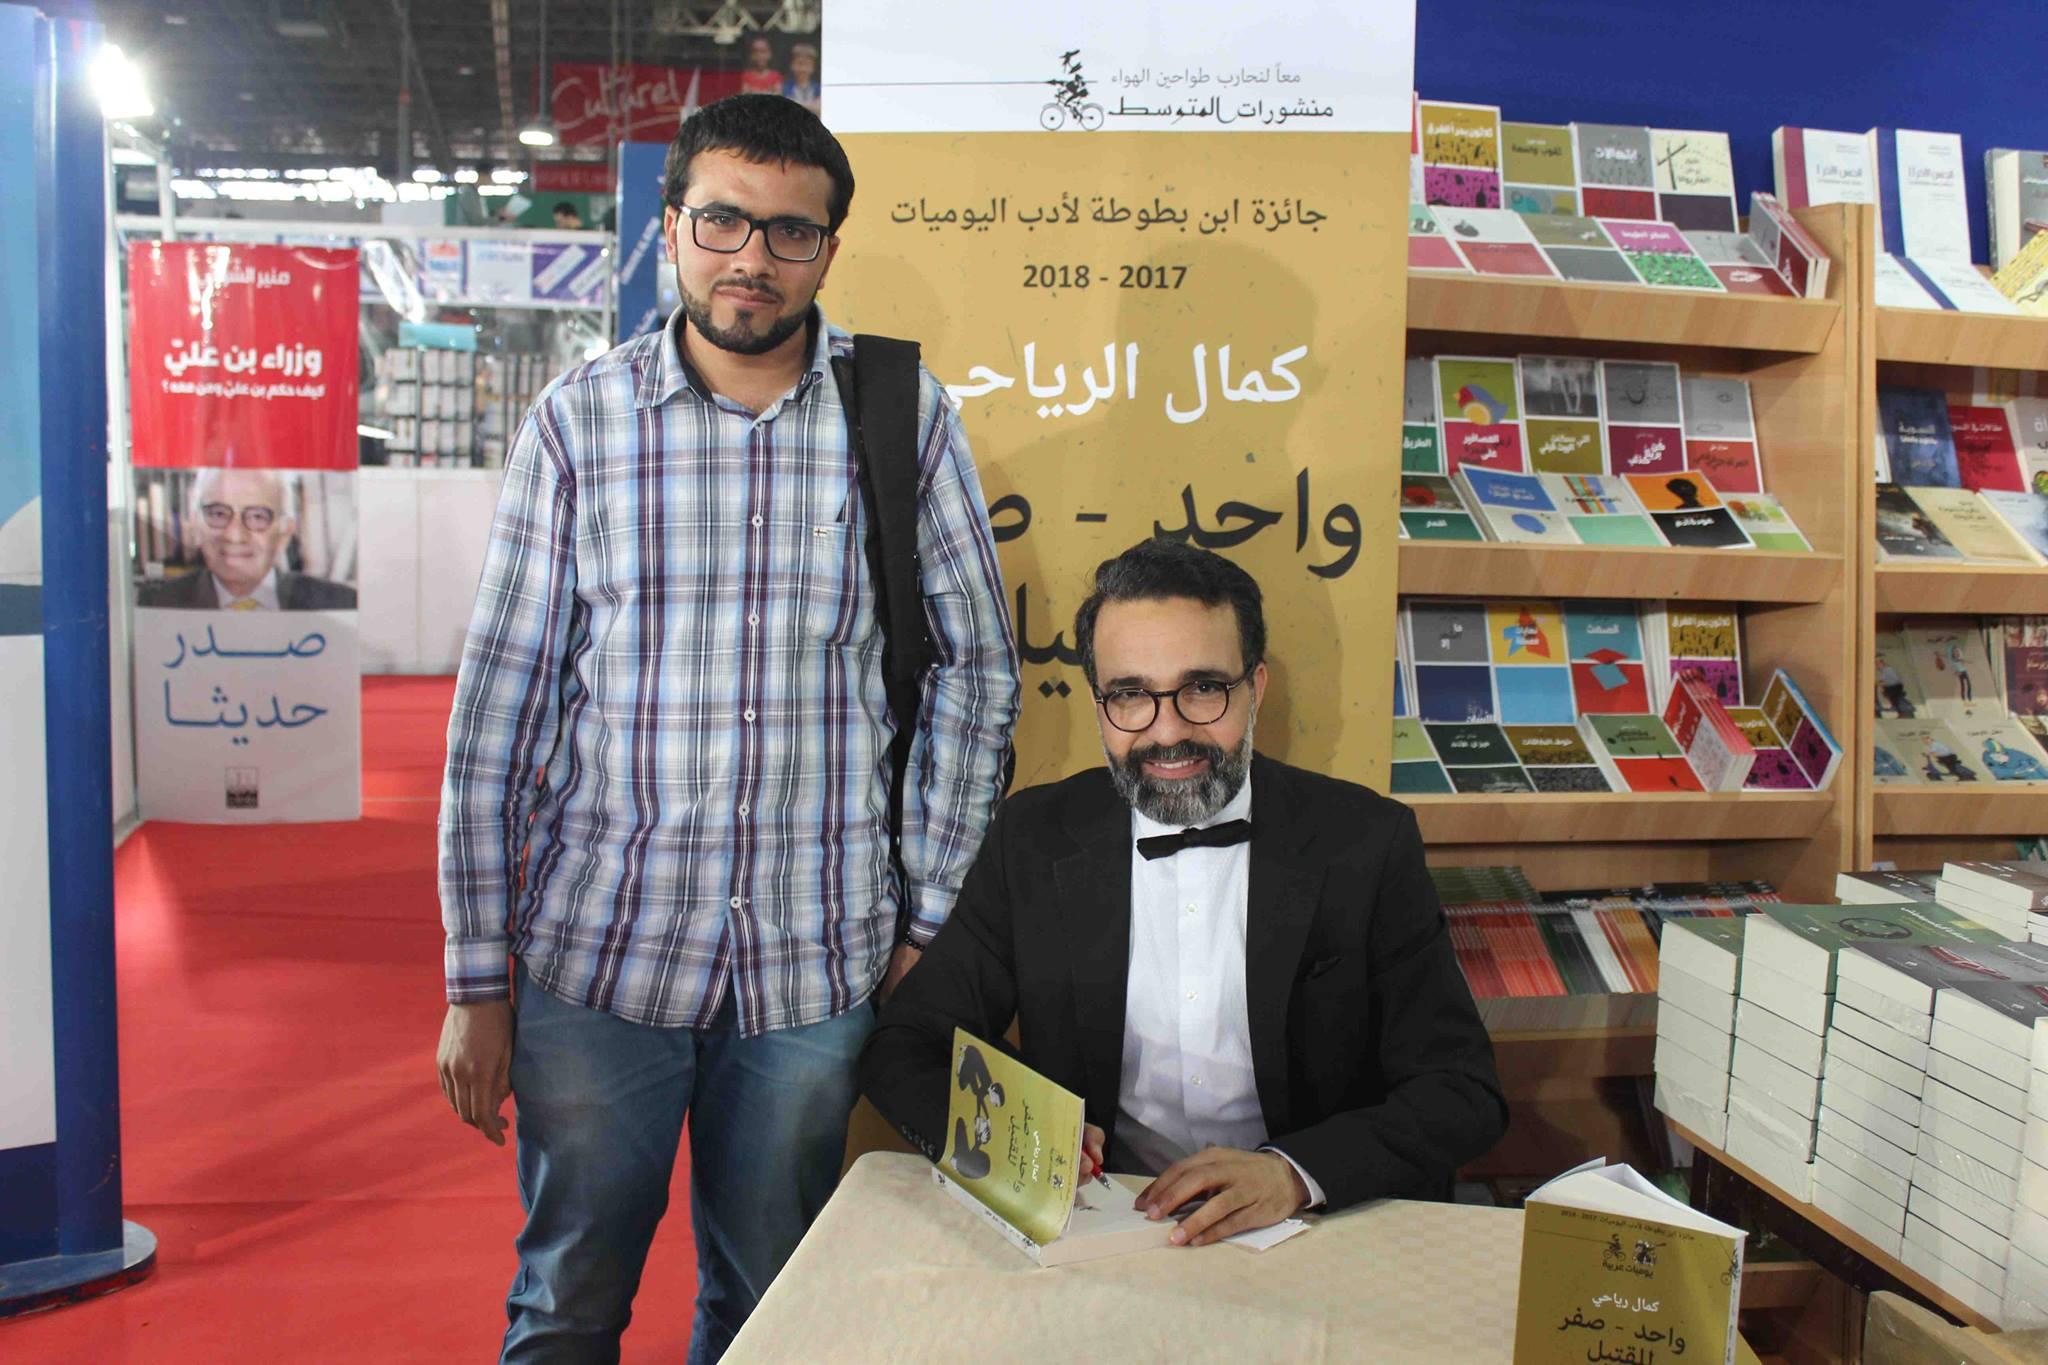 كمال الرياحى يوقع كتابه واحد صفر للقتيل الفائز بجائزة ابن بطوطة فى معرض تونس (12)